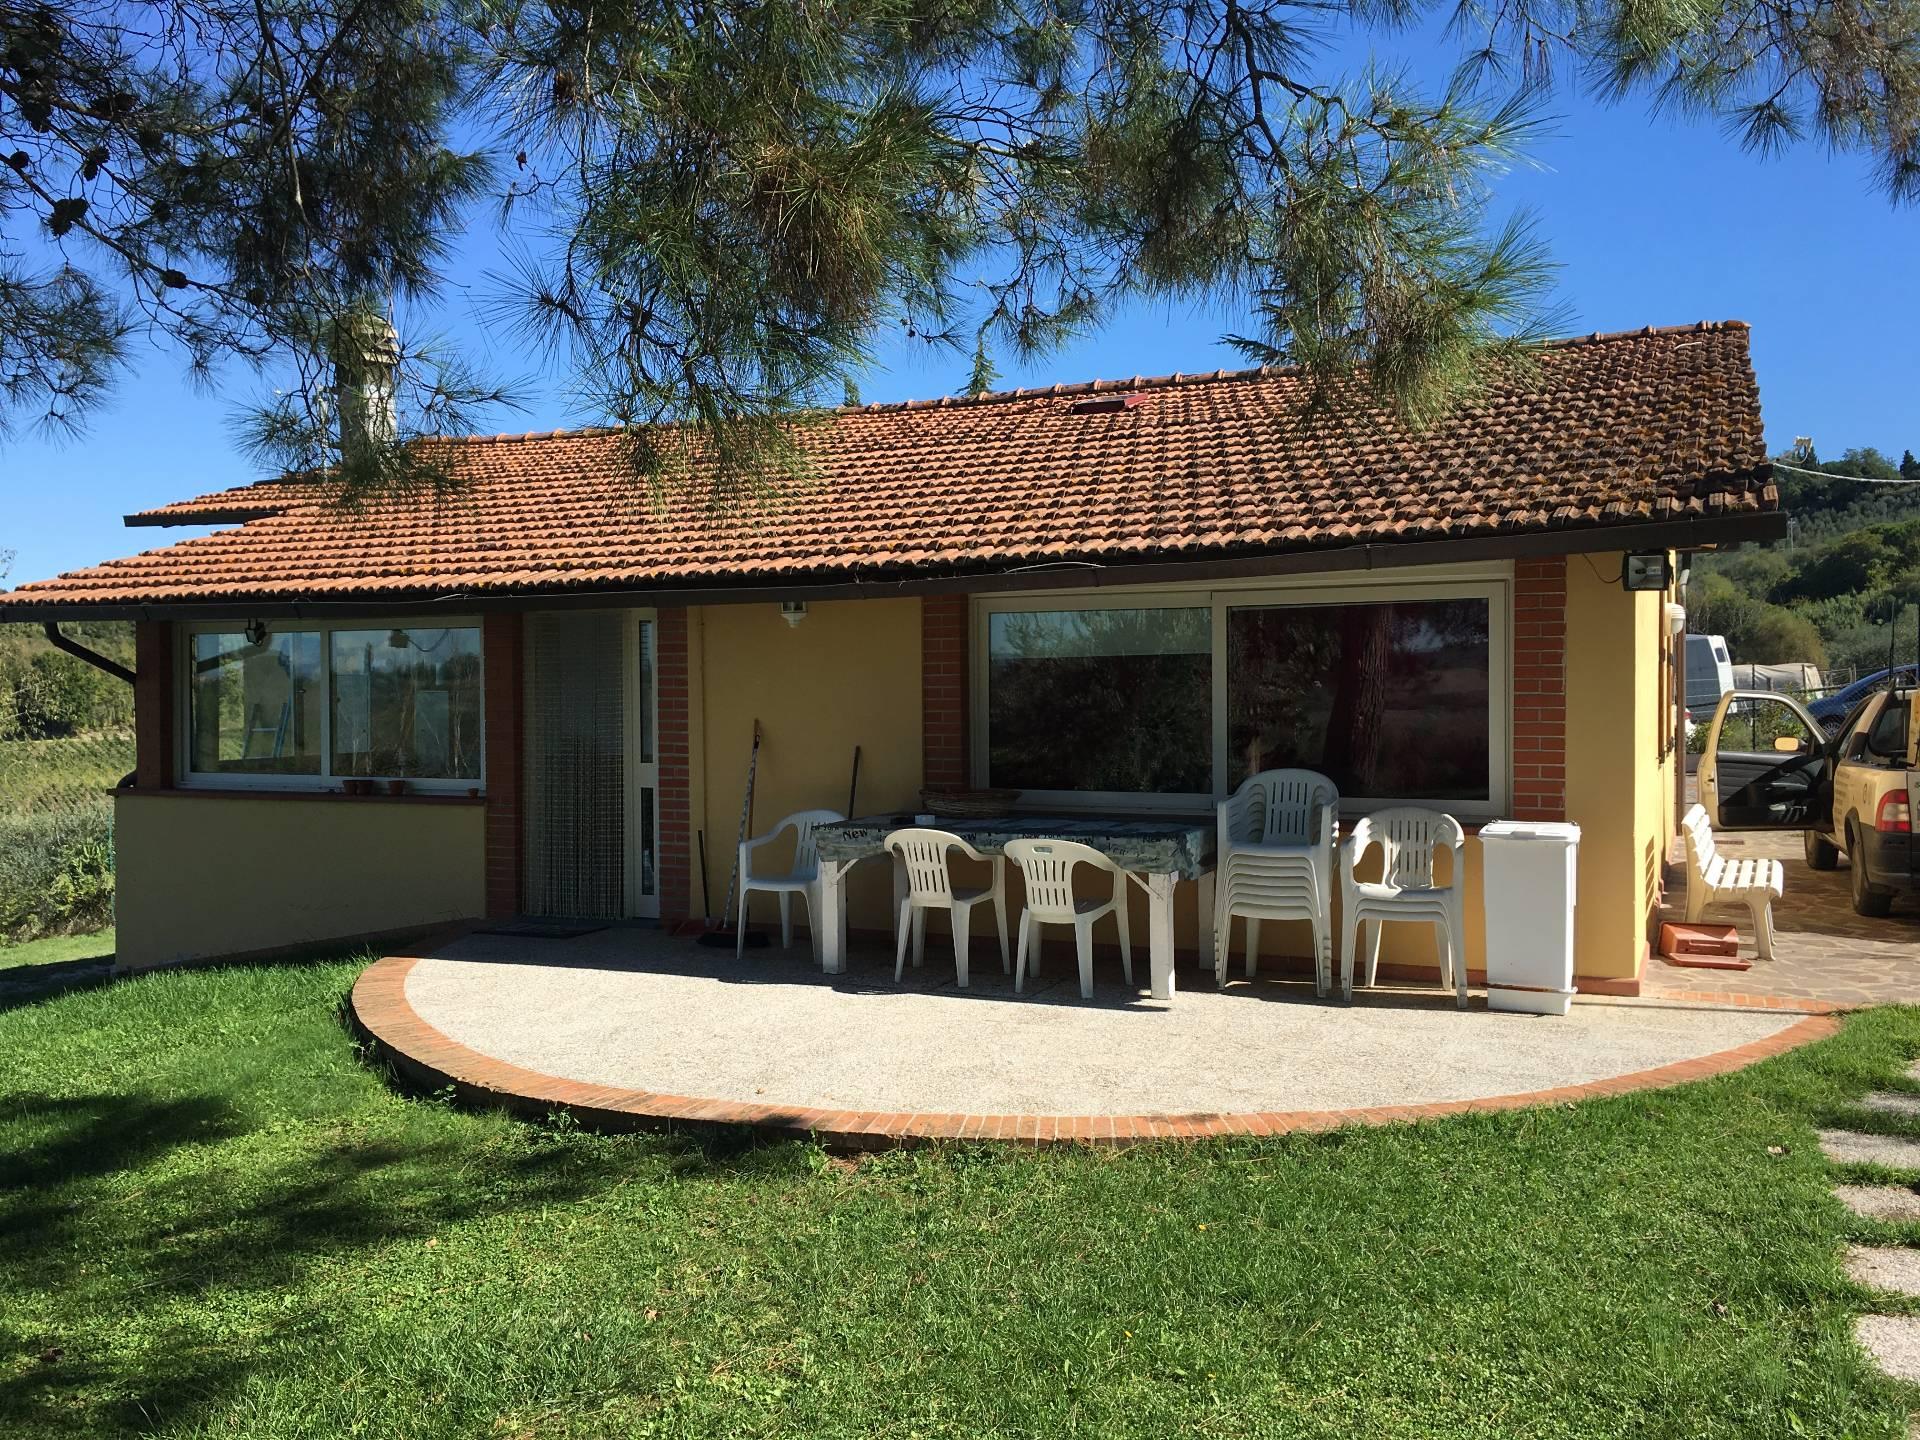 Soluzione Indipendente in affitto a Empoli, 4 locali, zona Zona: Monterappoli, prezzo € 850 | Cambio Casa.it